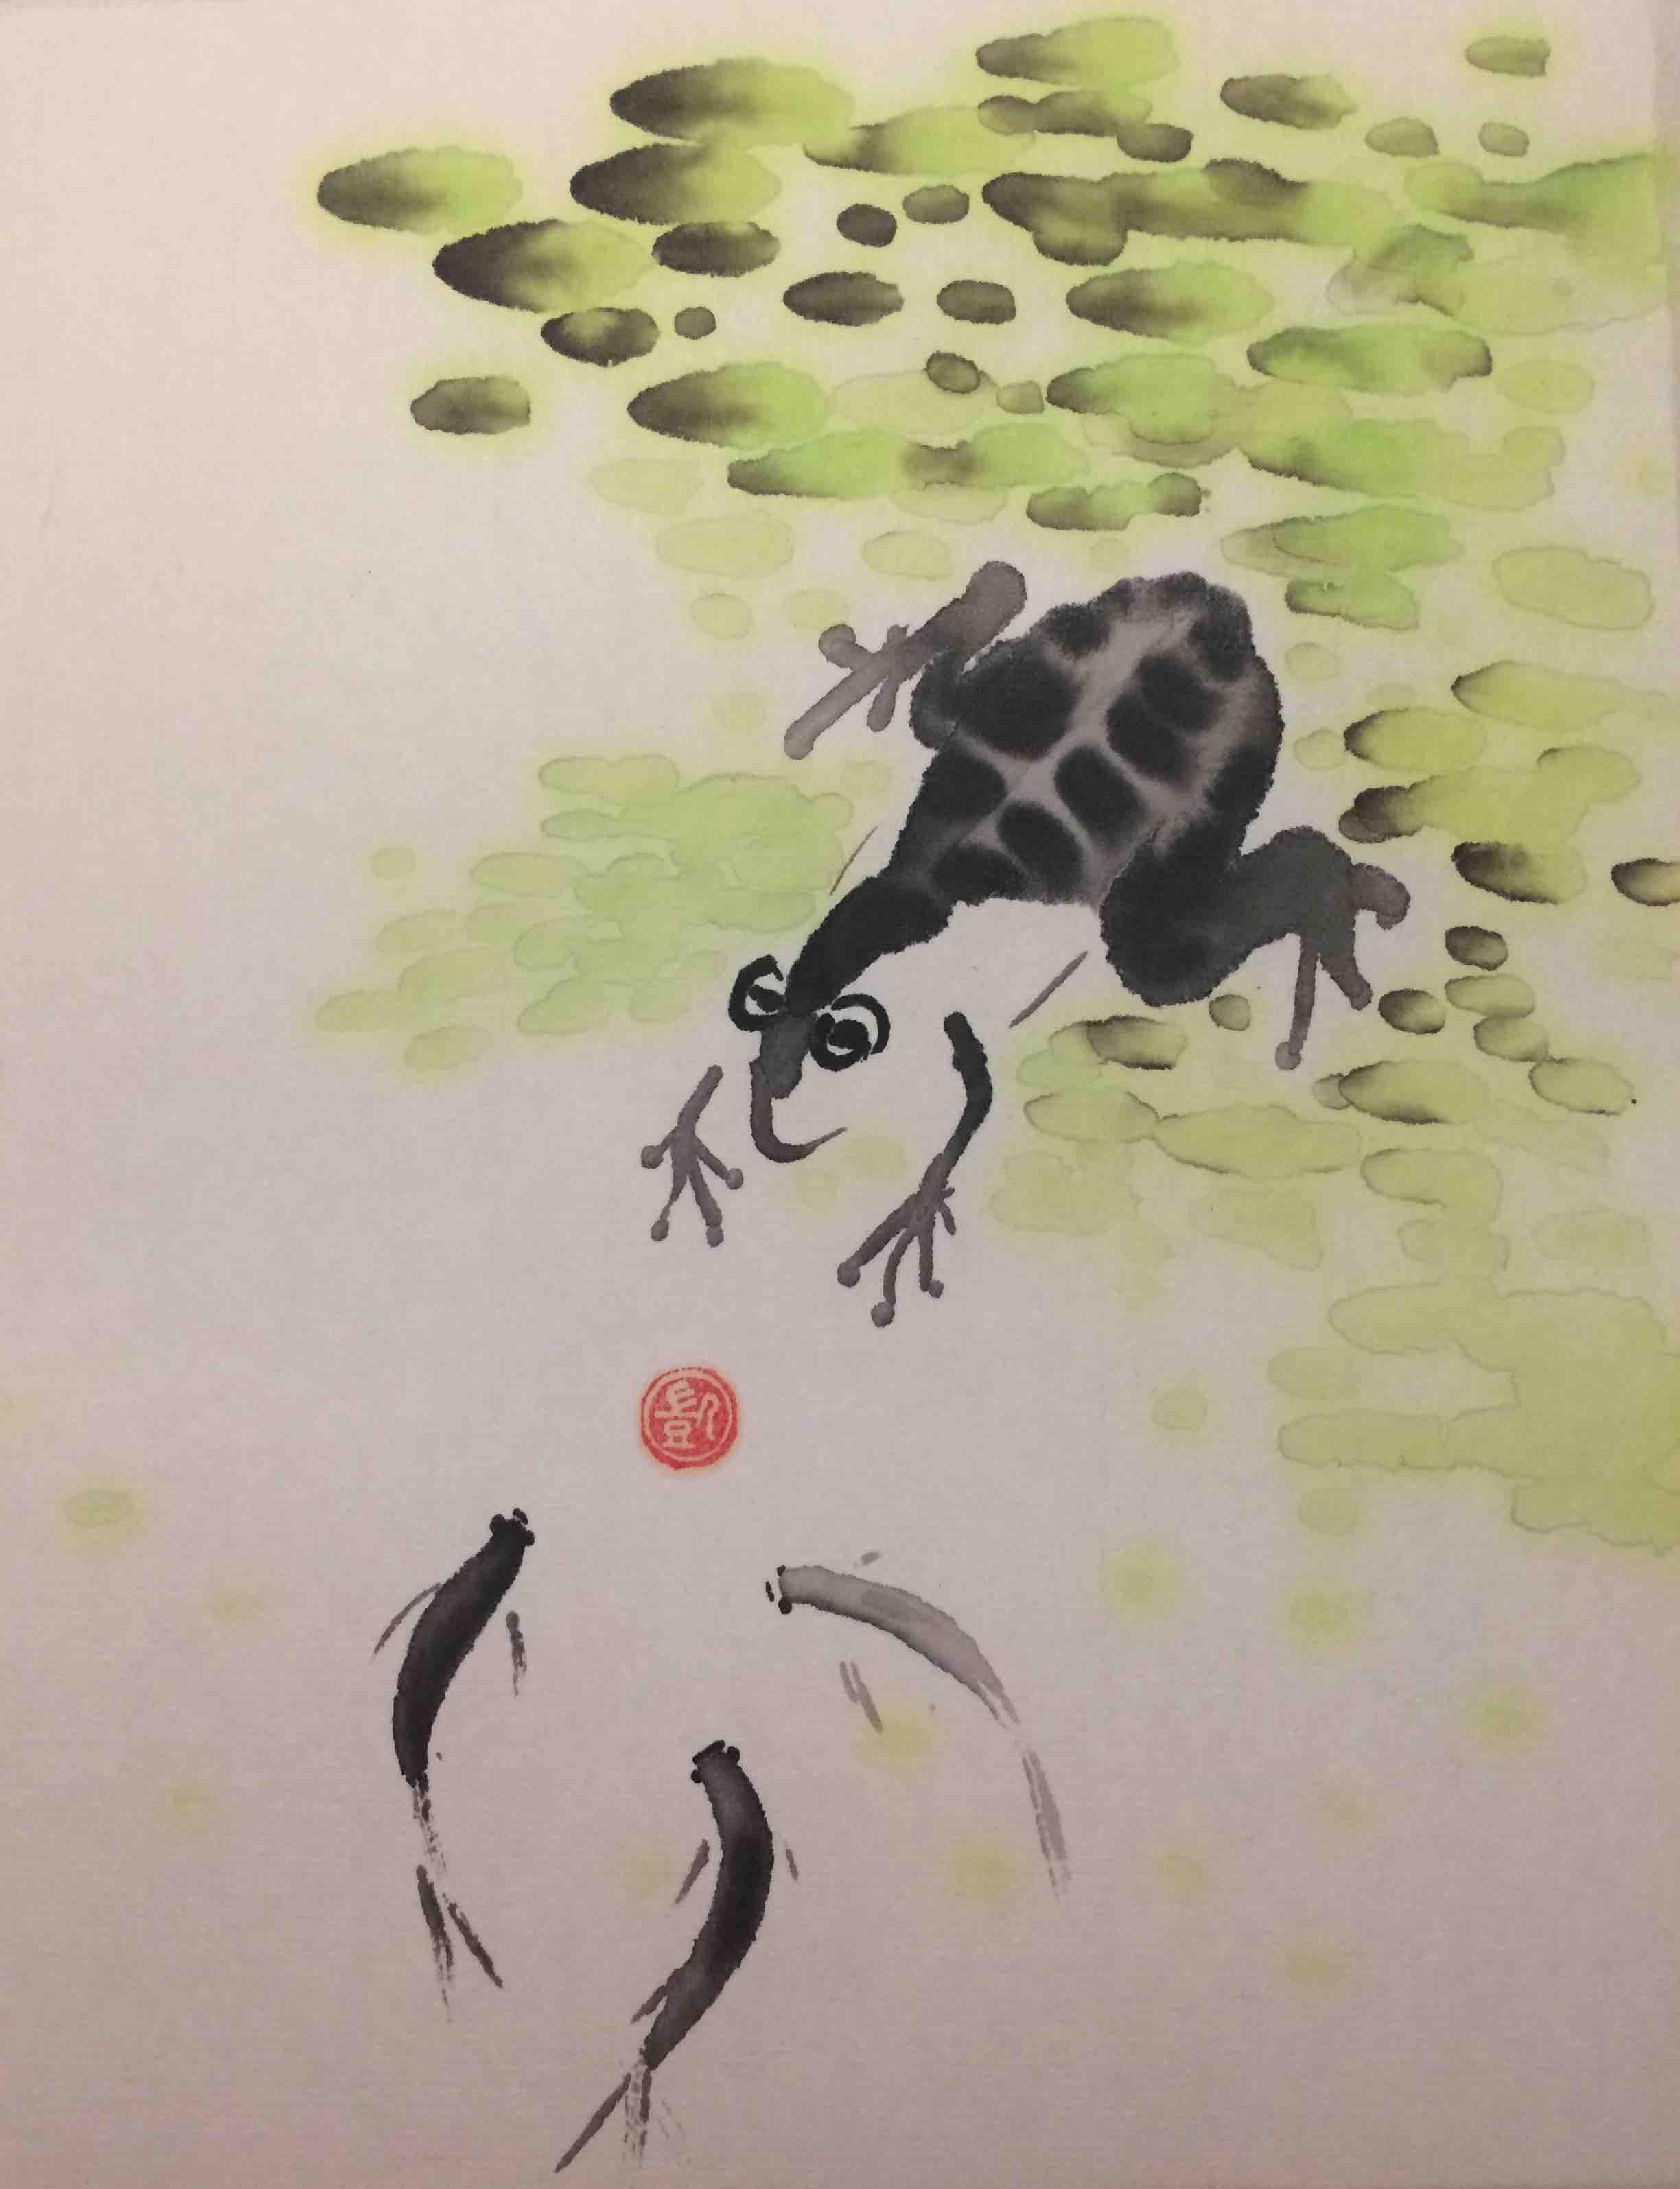 Frosch spielt mit Fischen